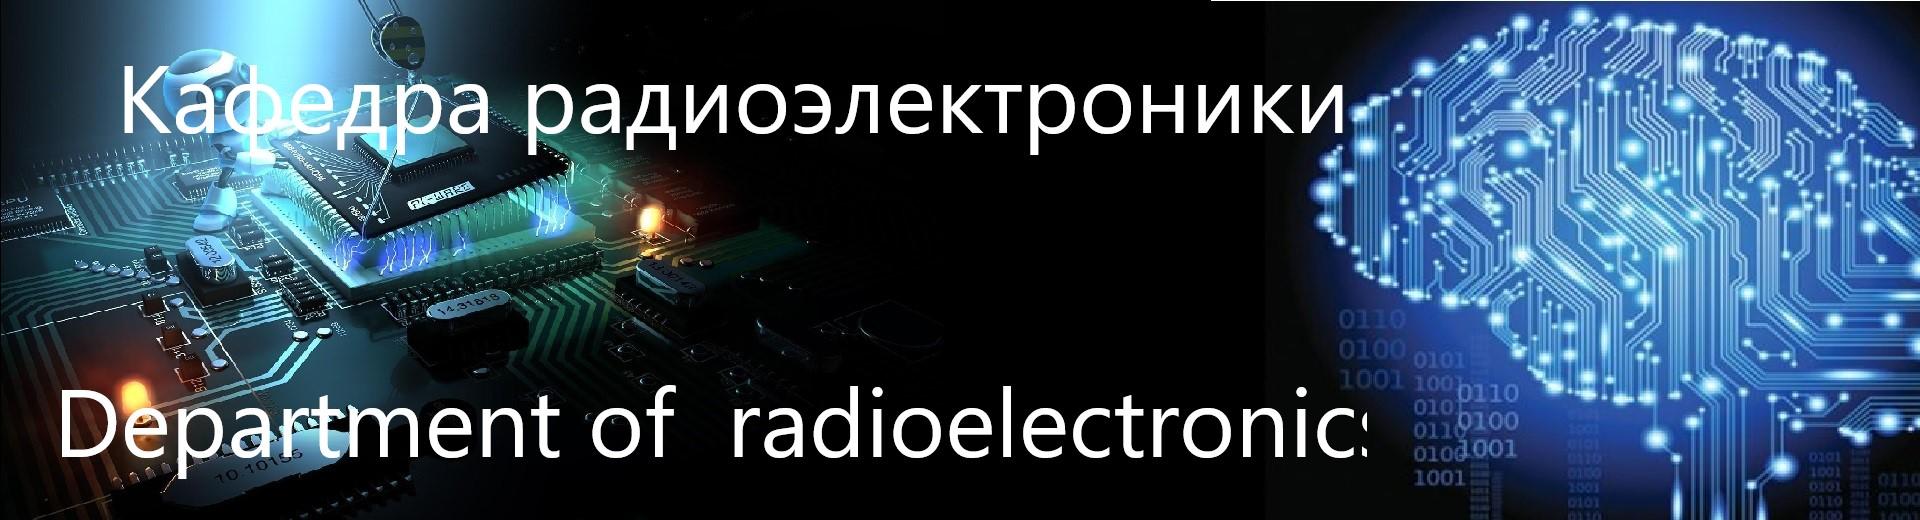 Портал КФУ \ Образование \ Институт физики \ Институт физики \ Кафедры \ Кафедра радиоэлектроники